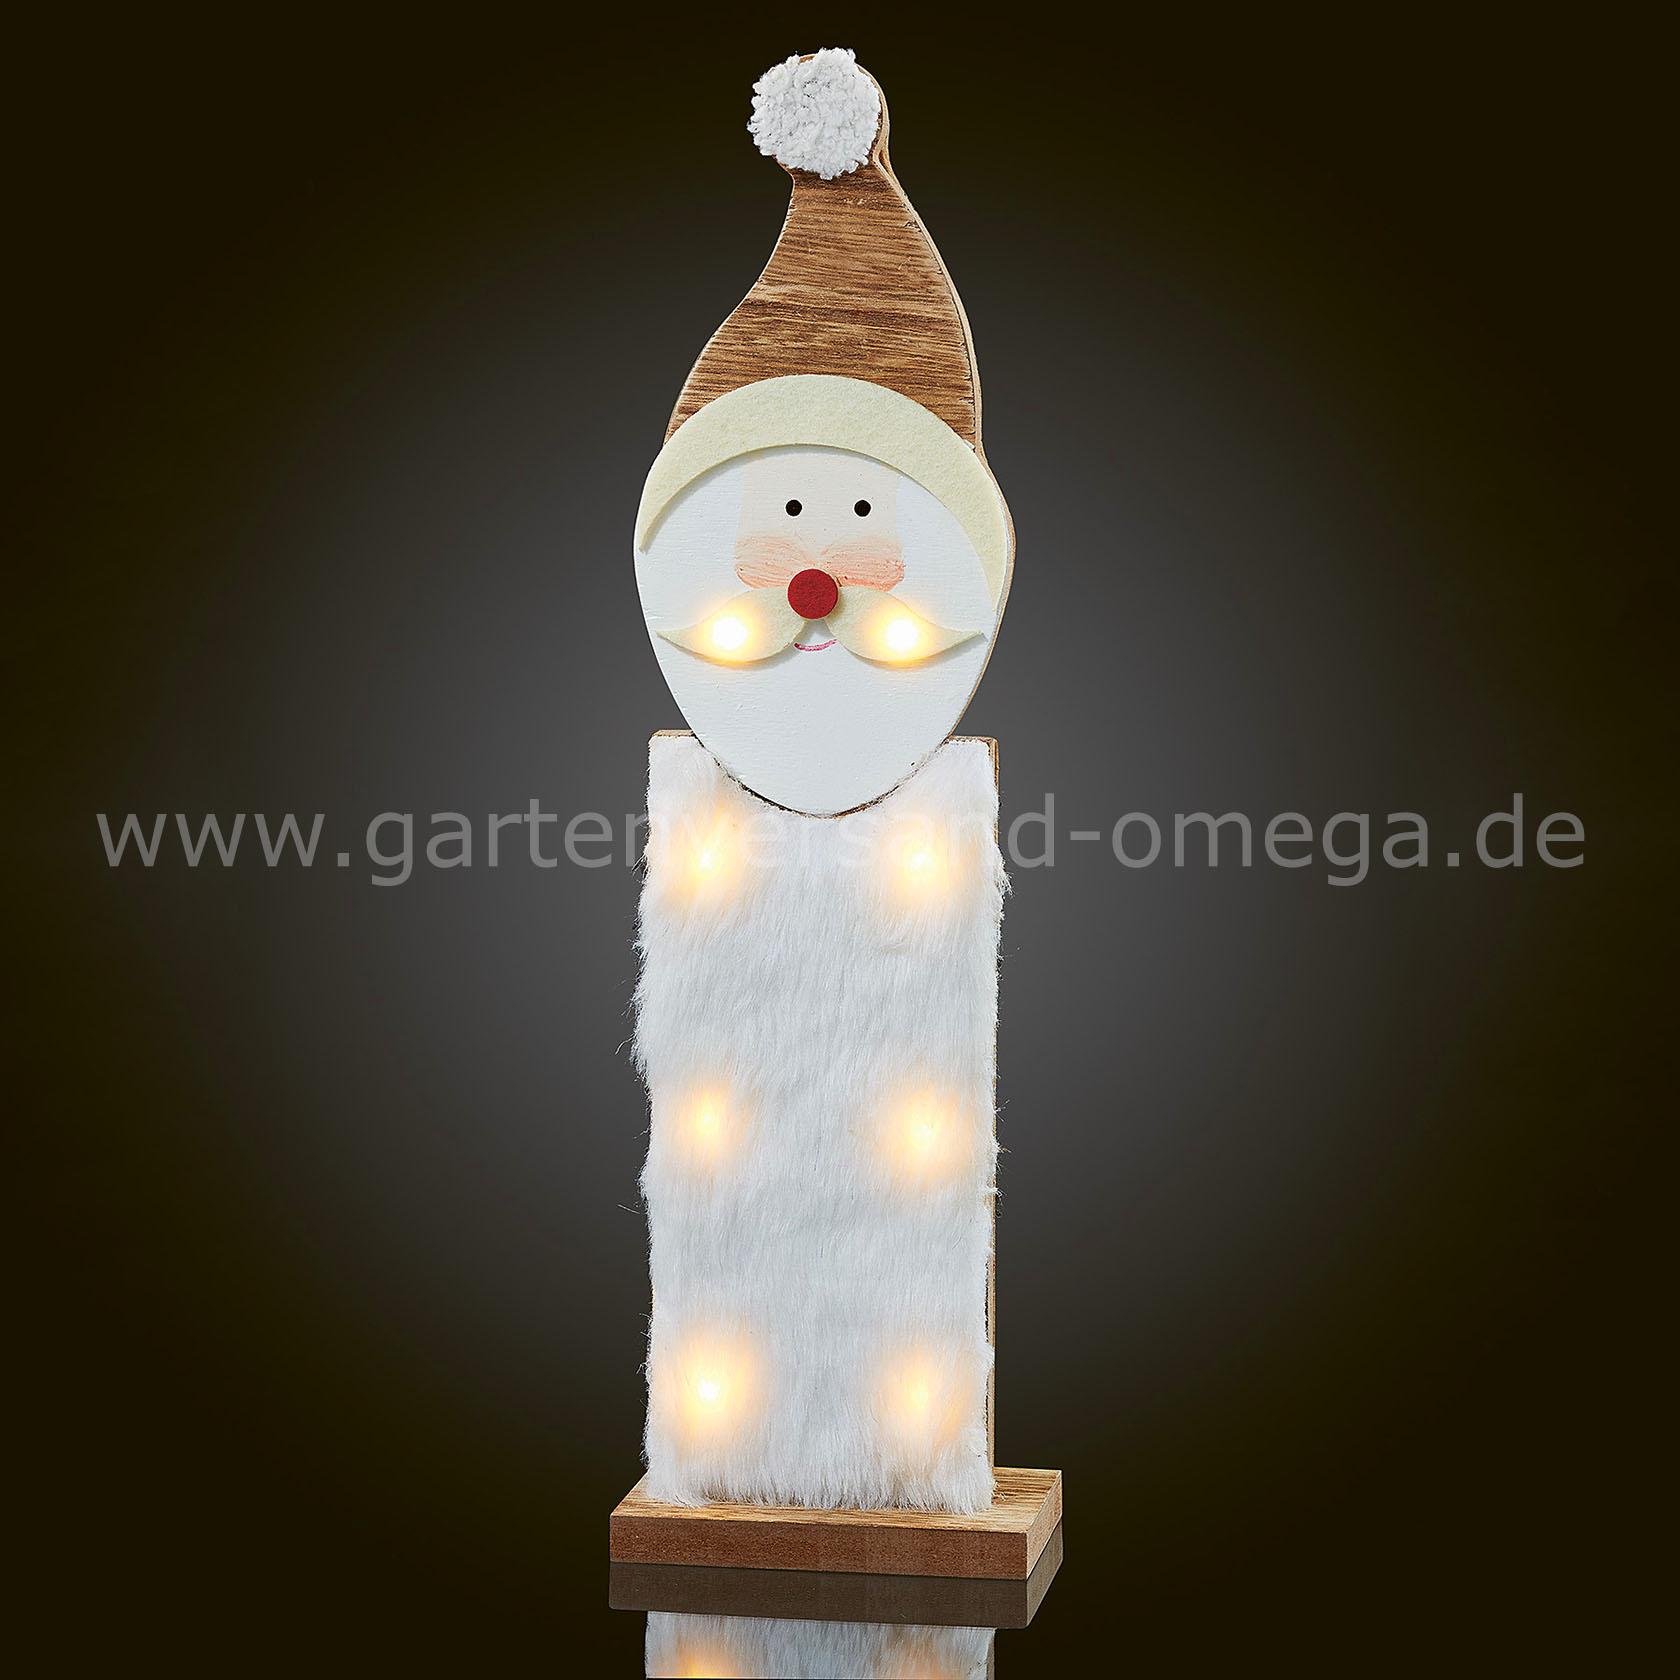 Led holzweihnachtsmann weihnachtsbeleuchtung aus holz weihnachtsdekoration - Fensterbeleuchtung innen ...